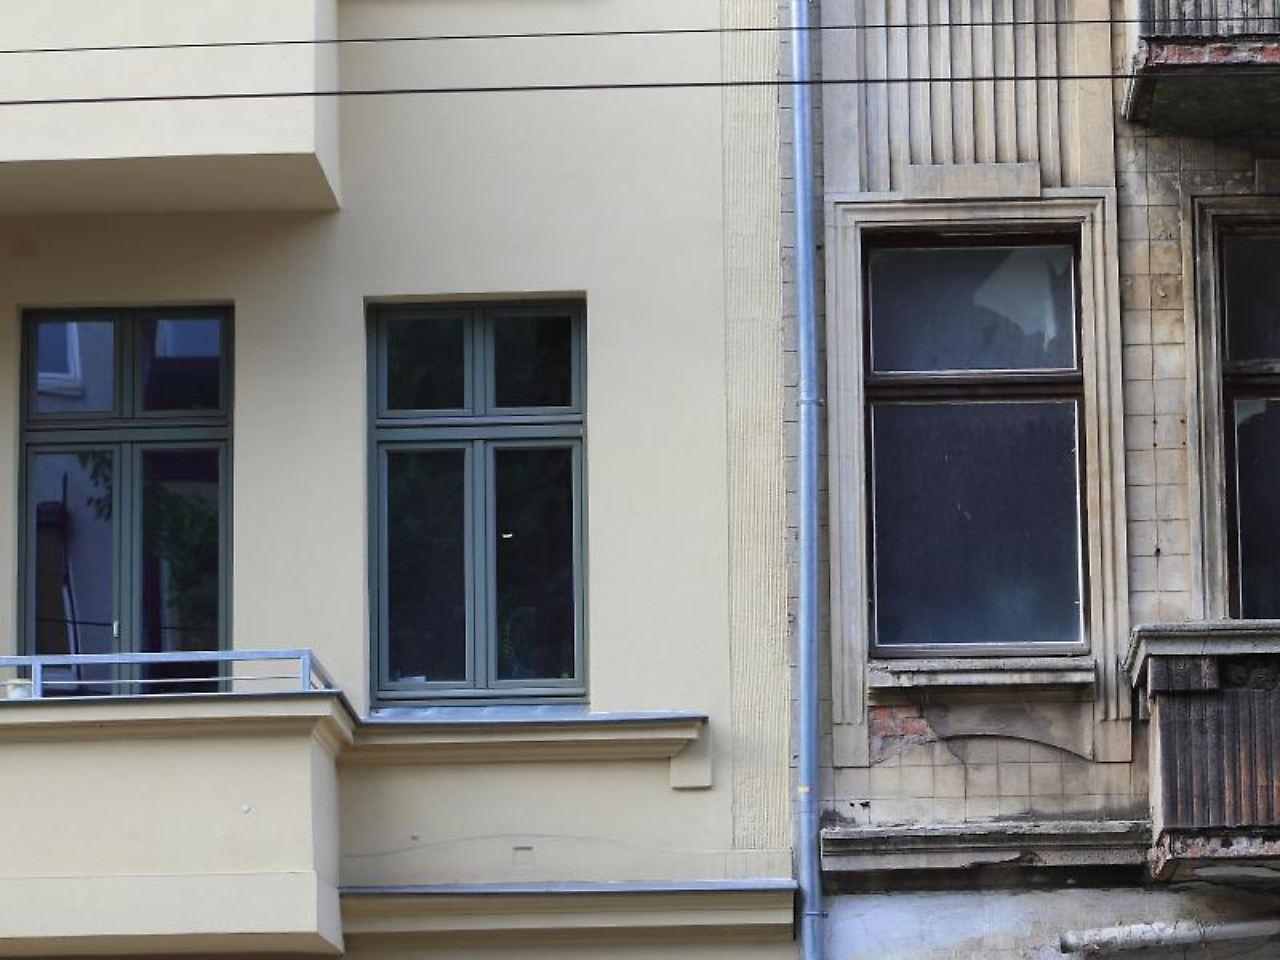 Geld und energie sparen bei fensterwahl auf u wert achten n - Fenster uw wert ...